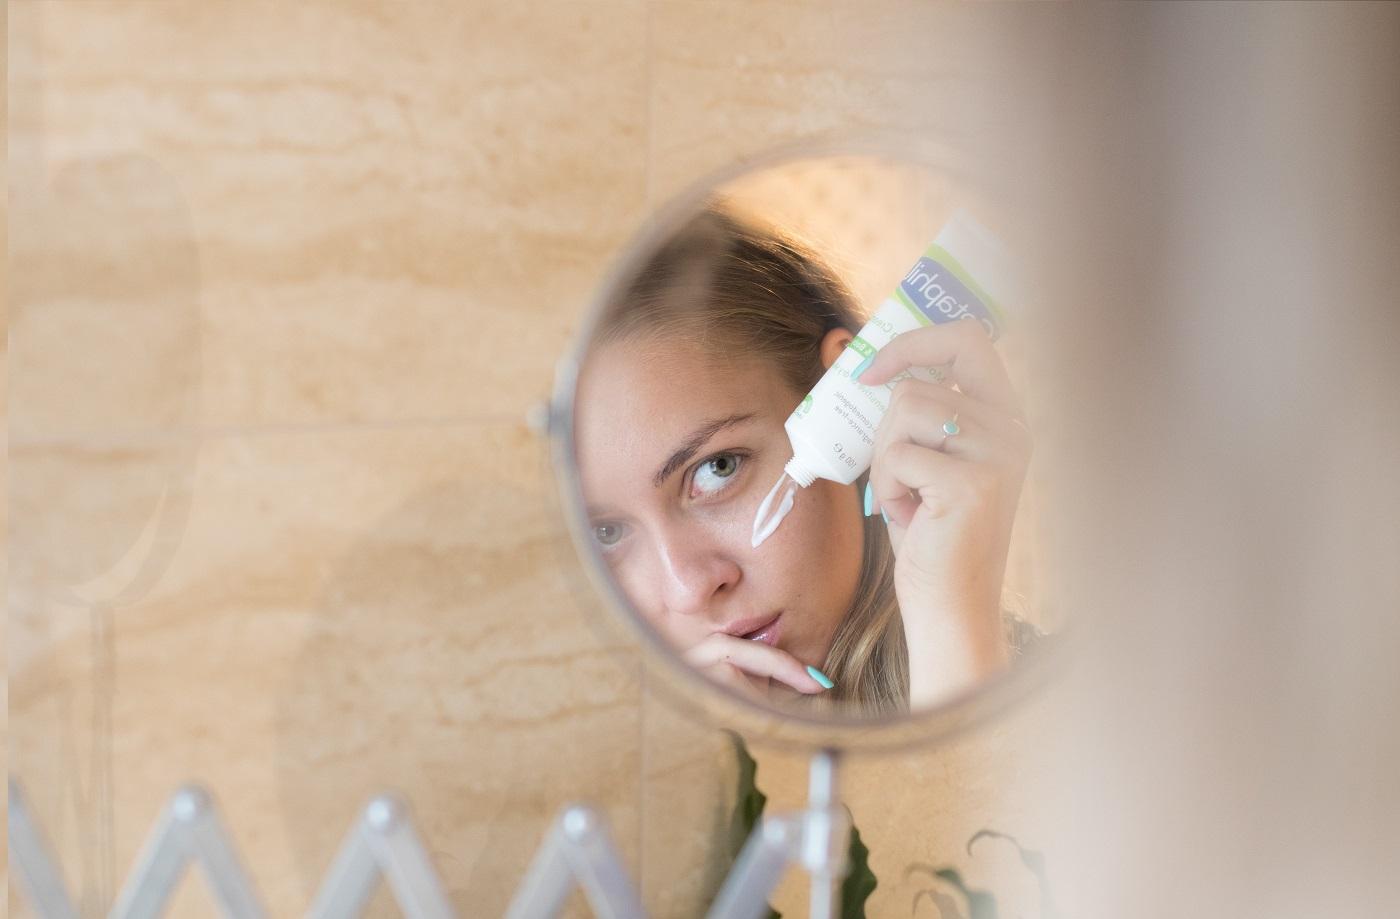 Mennyire hatékony a népi gyógymód a pikkelysömörre a fejben - egyszerű receptek otthon